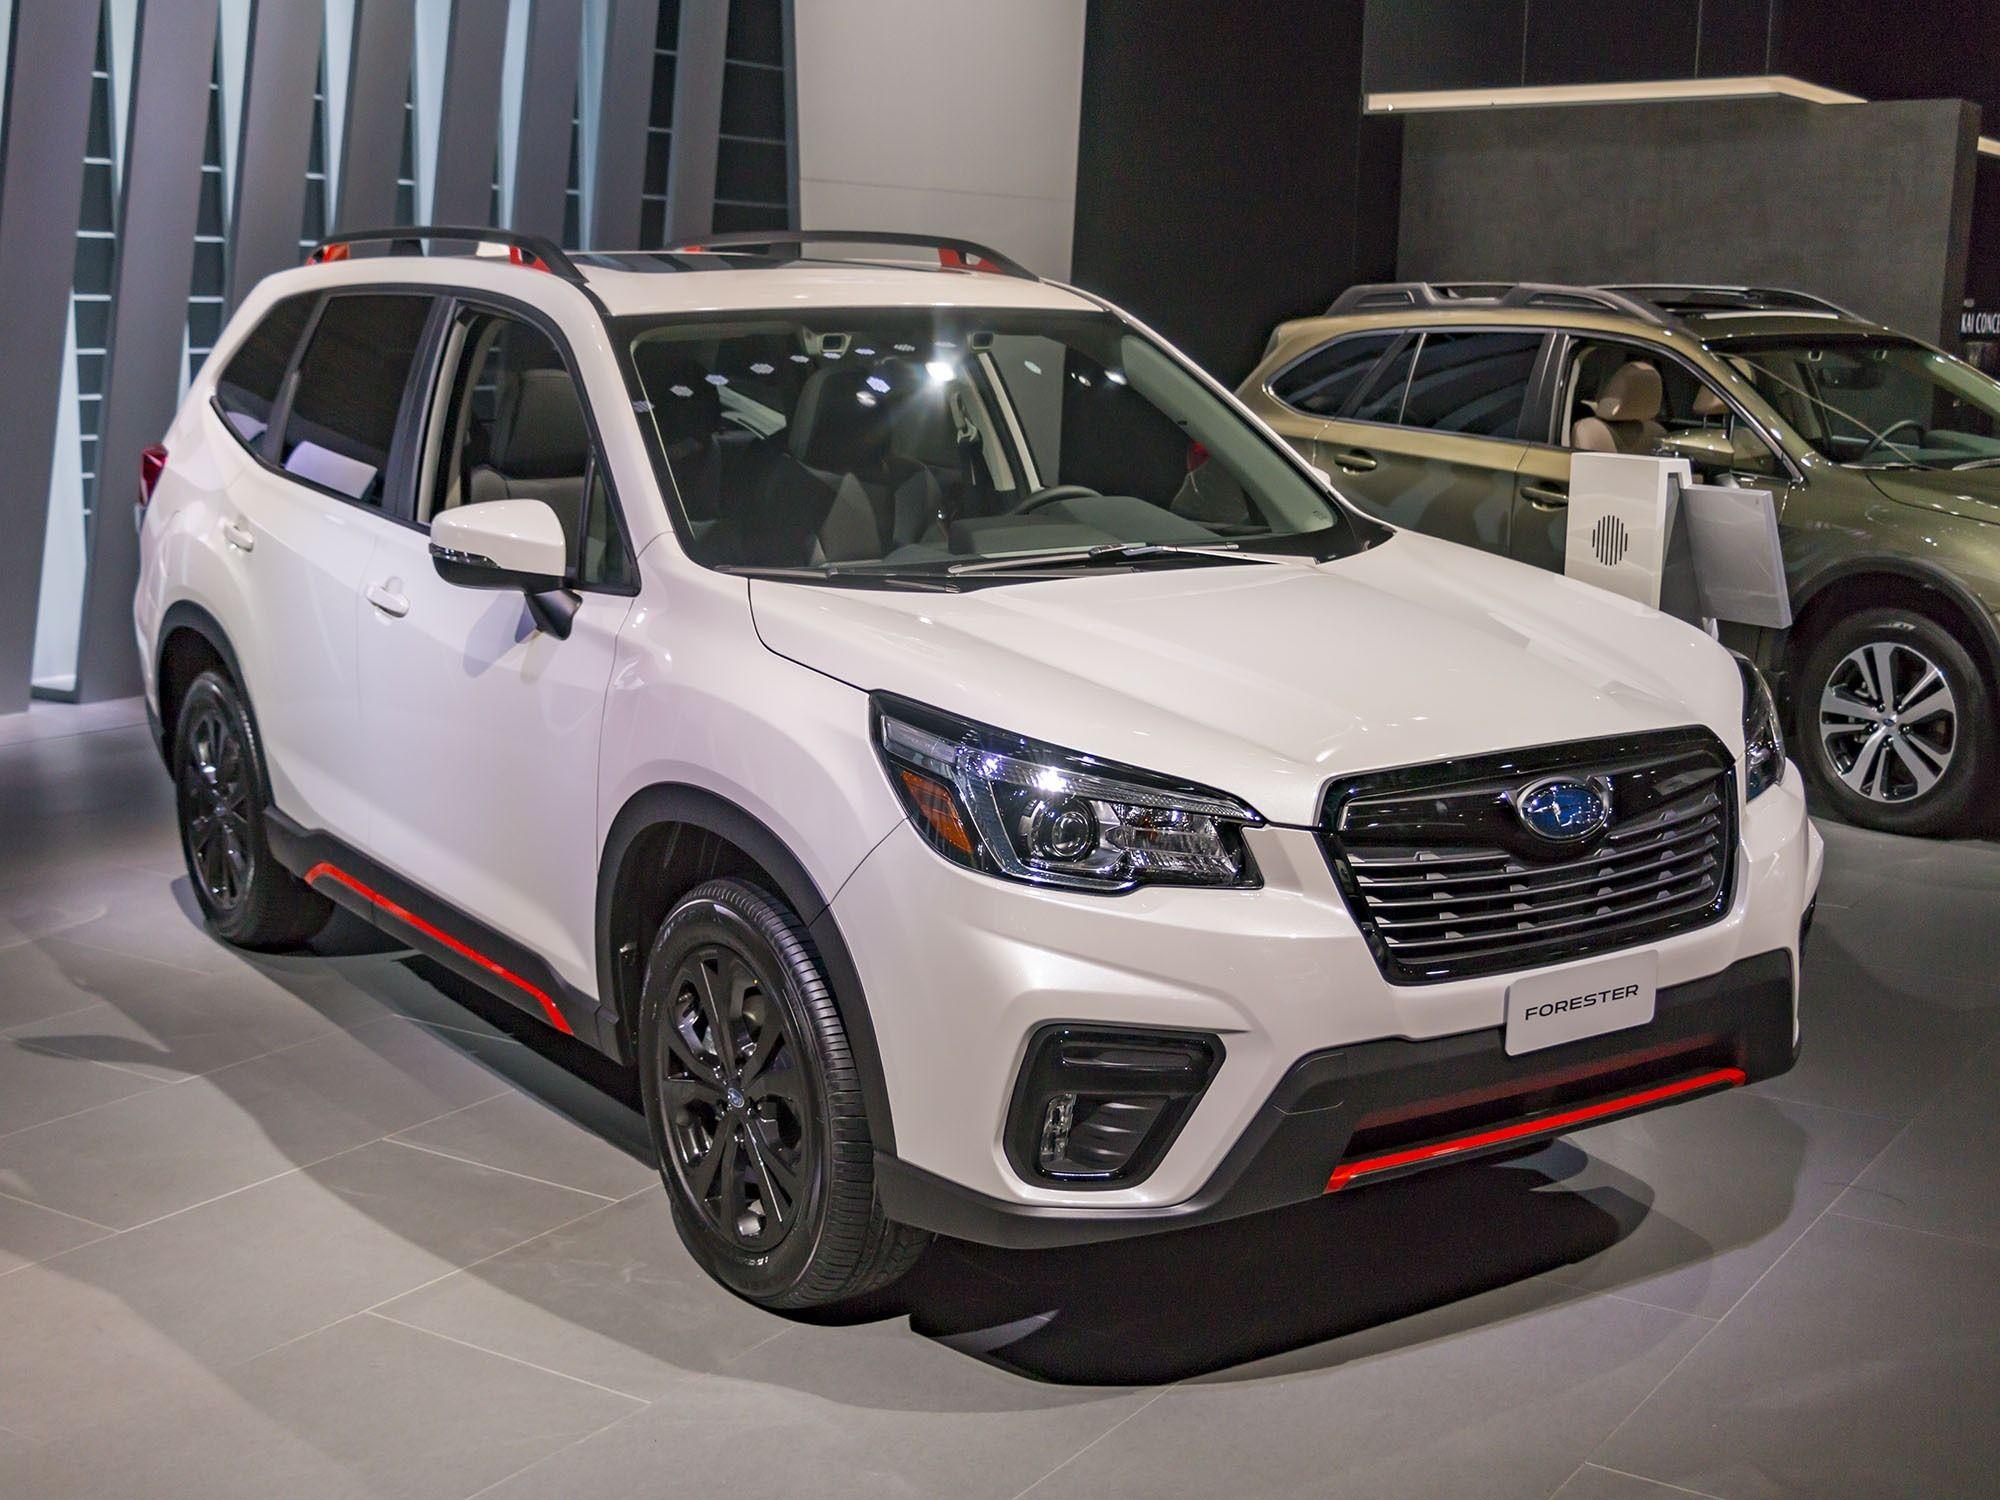 auto 2019 exterior car 2018 pinterest subaru subaru forester rh pinterest com